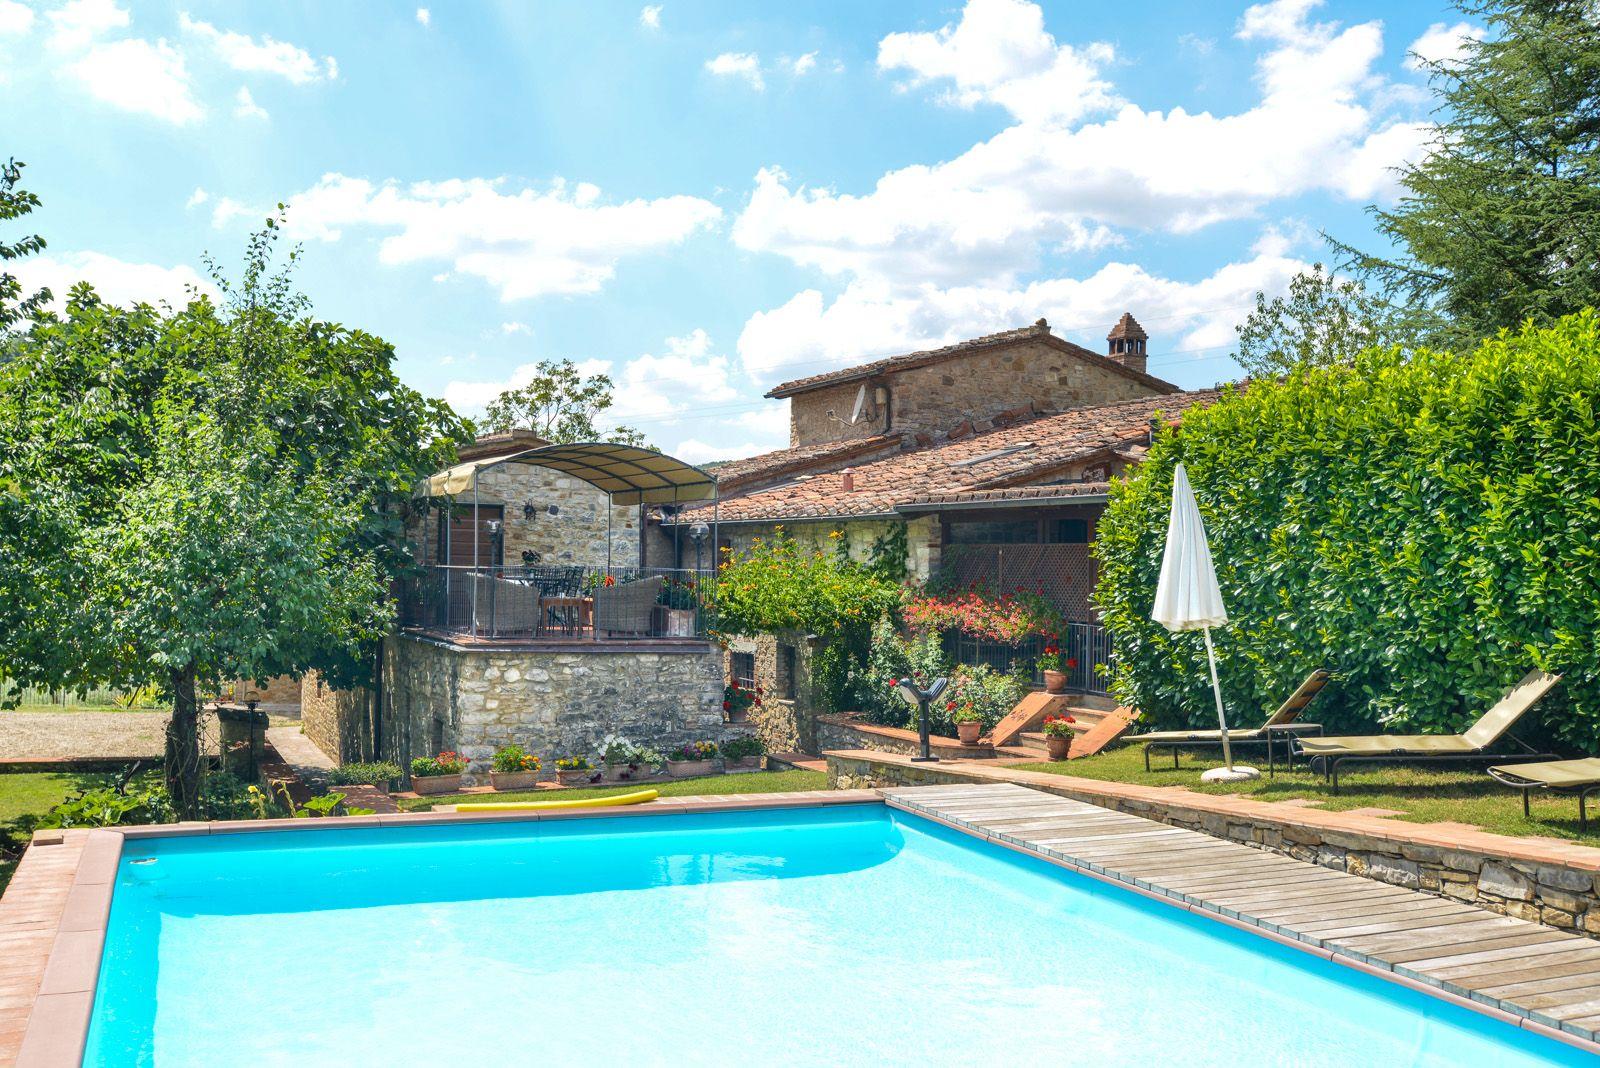 Casa con piscina e giardino privato a pochi passi da for Nuove case con suite suocera